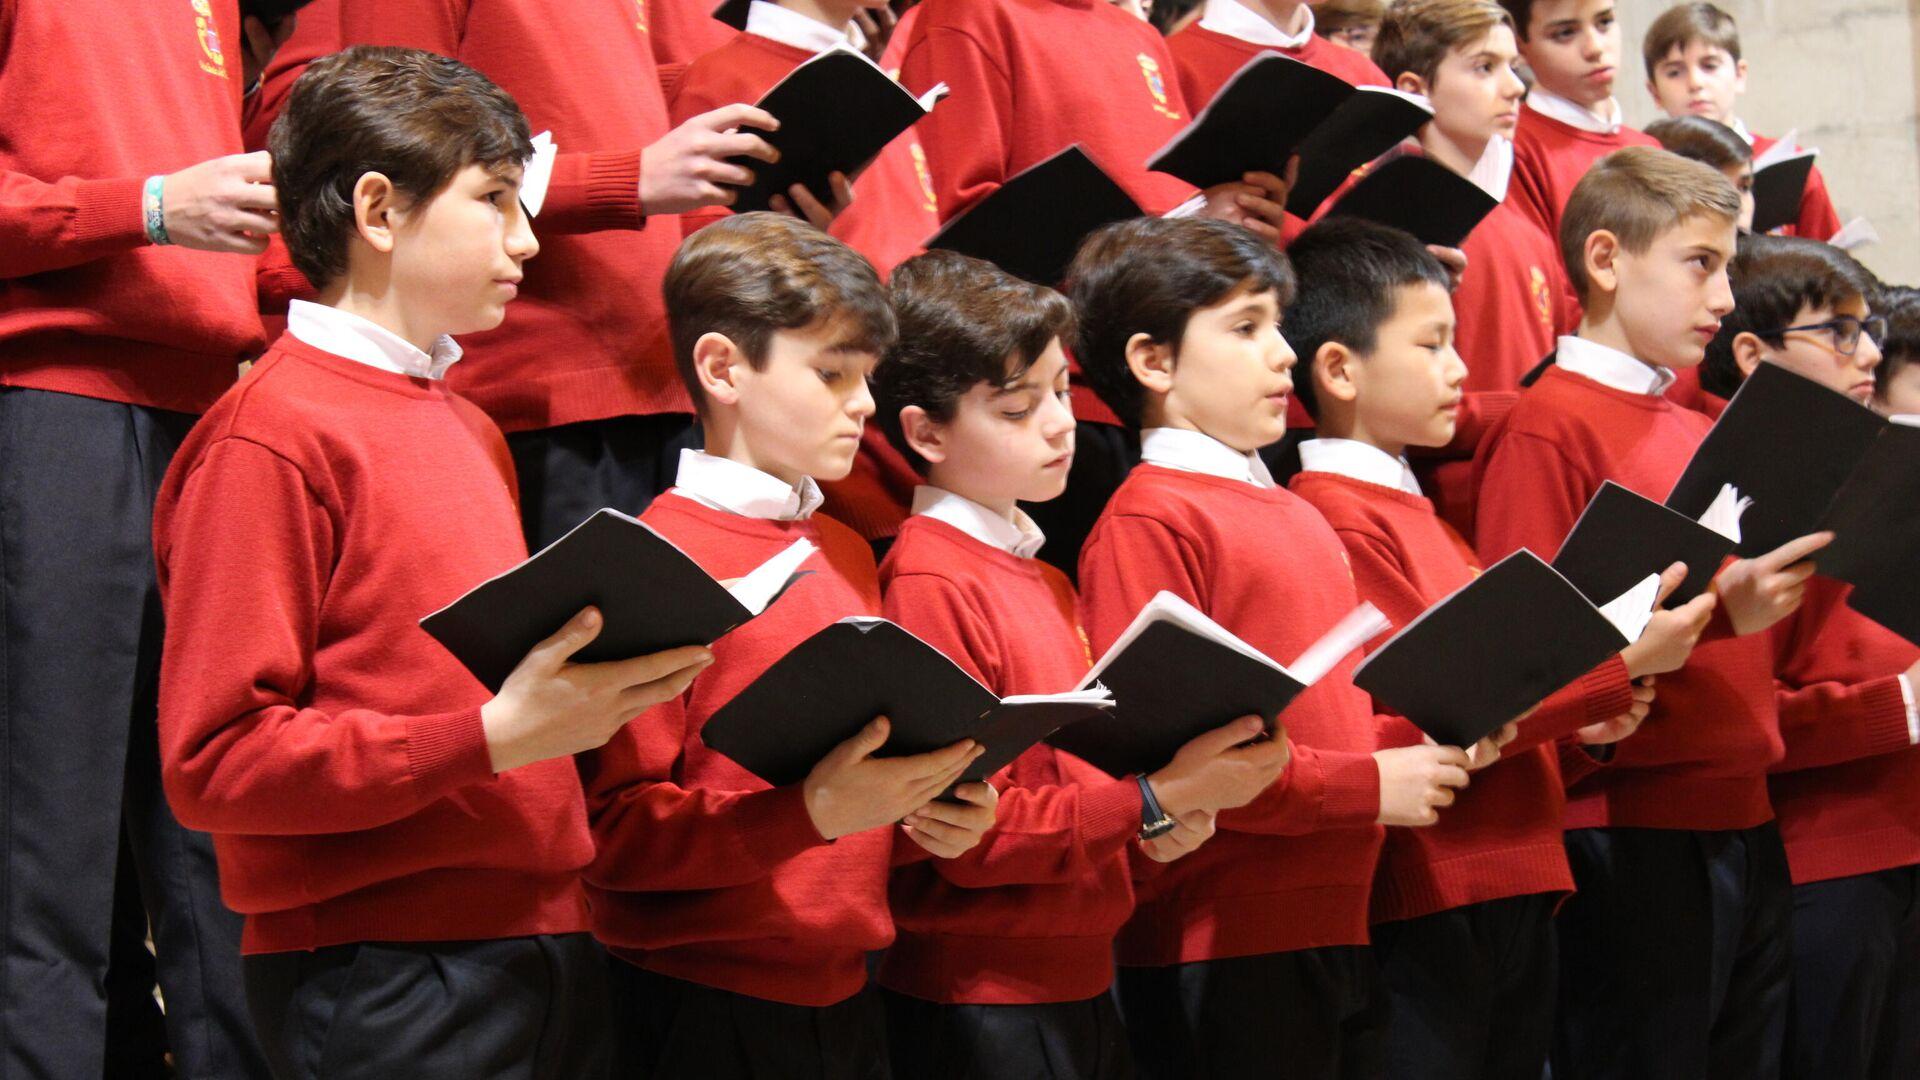 Coro del Real Monasterio de San Lorenzo del Escorial - Sputnik Mundo, 1920, 28.05.2021